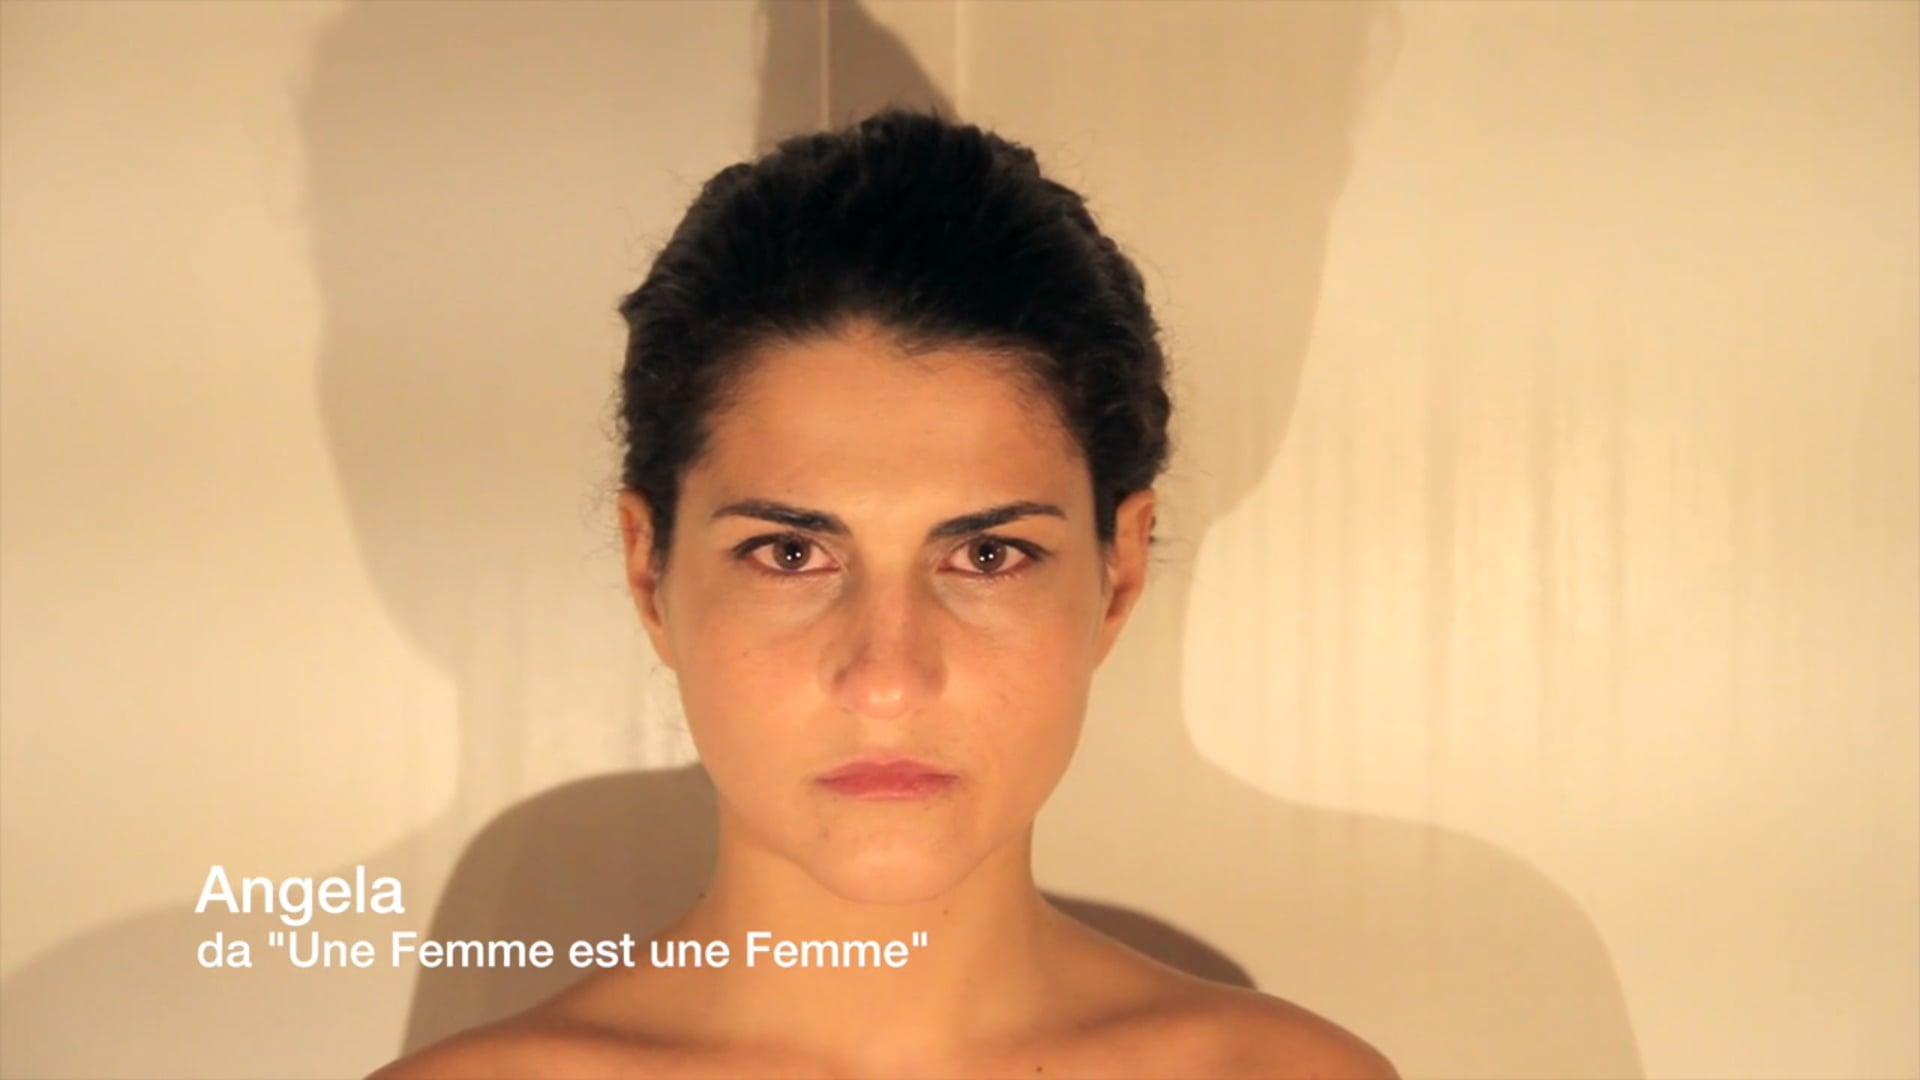 UNE FEMME EST UNE FEMME